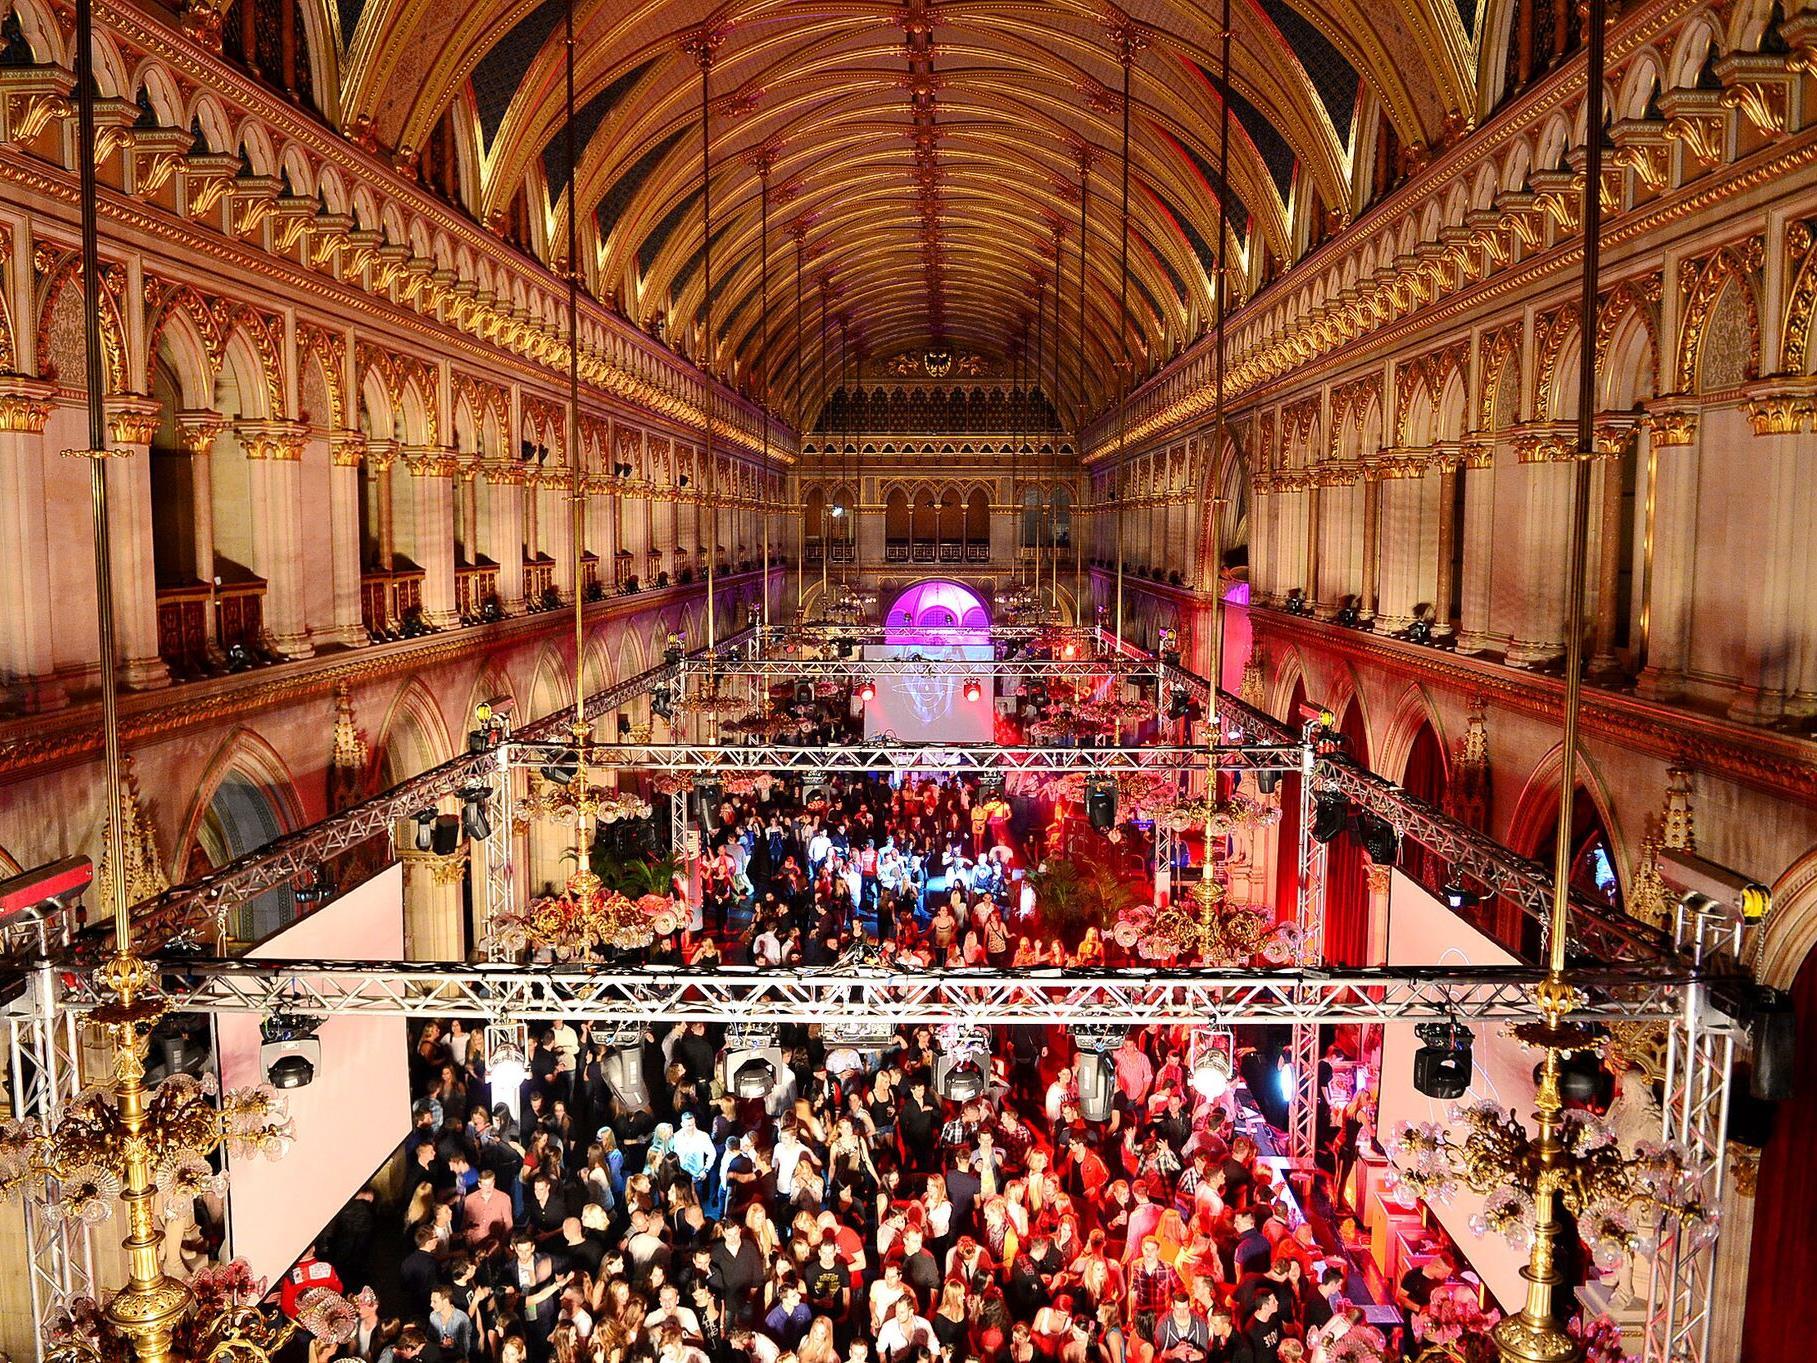 Am 5. November wird im Wiener Rathaus mit dem ParadiseCity die wohl größte Party der Stadt gefeiert.